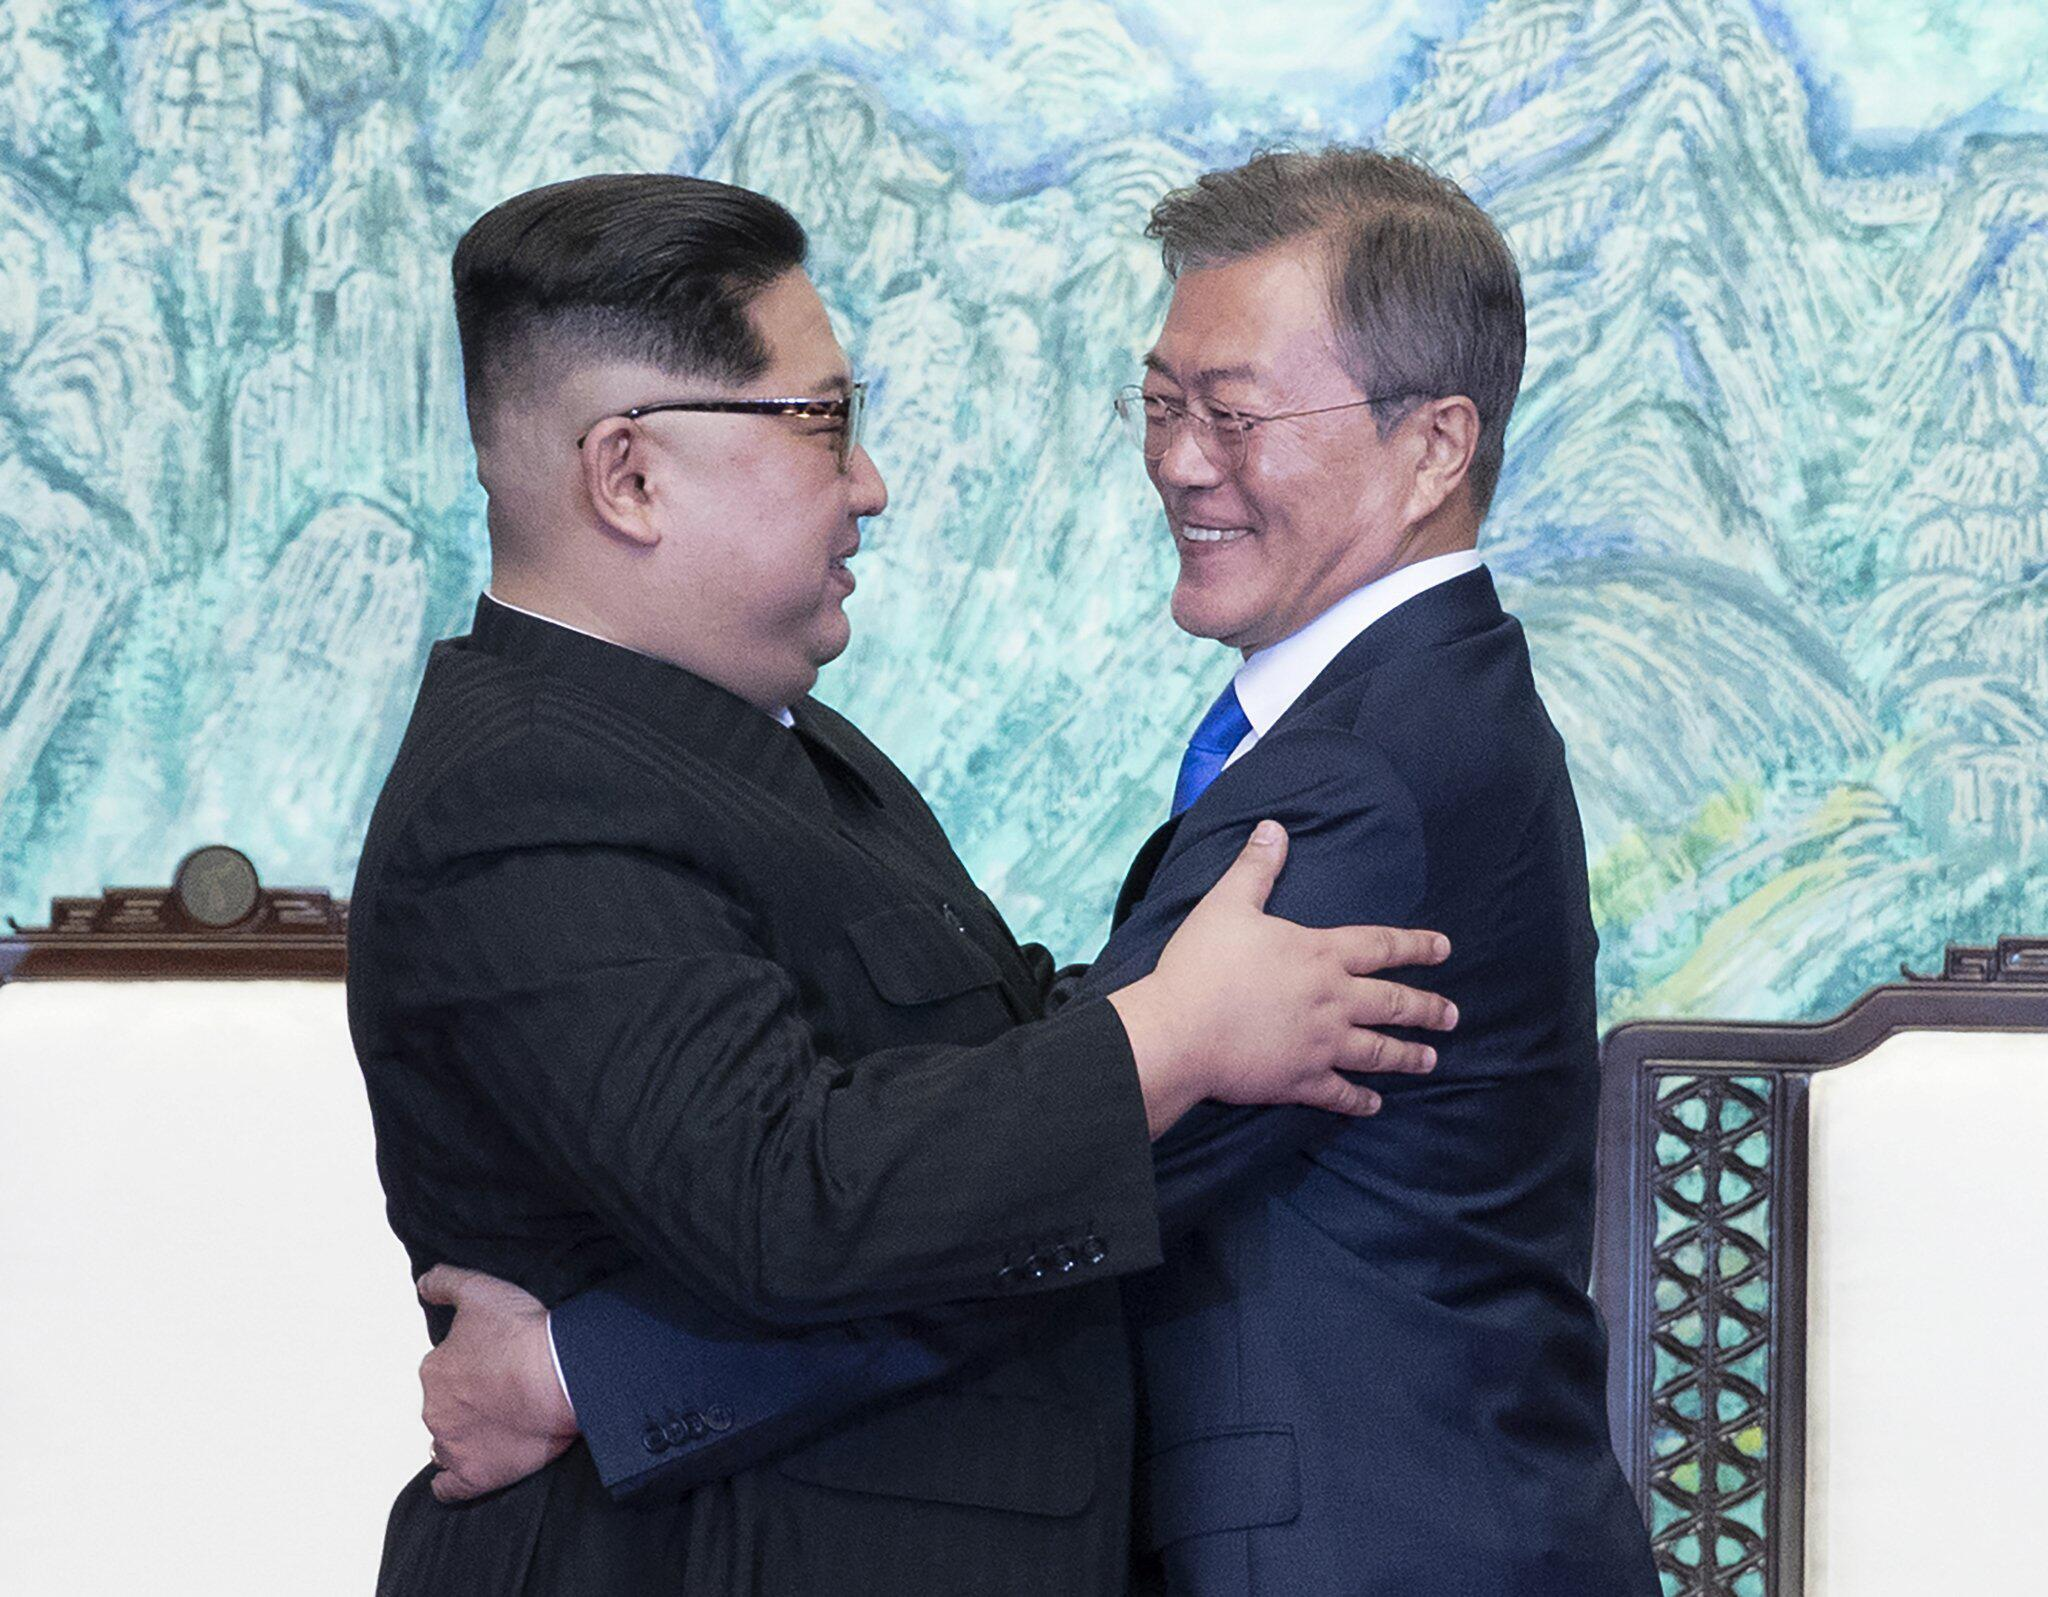 Bild zu Historischer Korea-Gipfel: Moon empfängt Kim